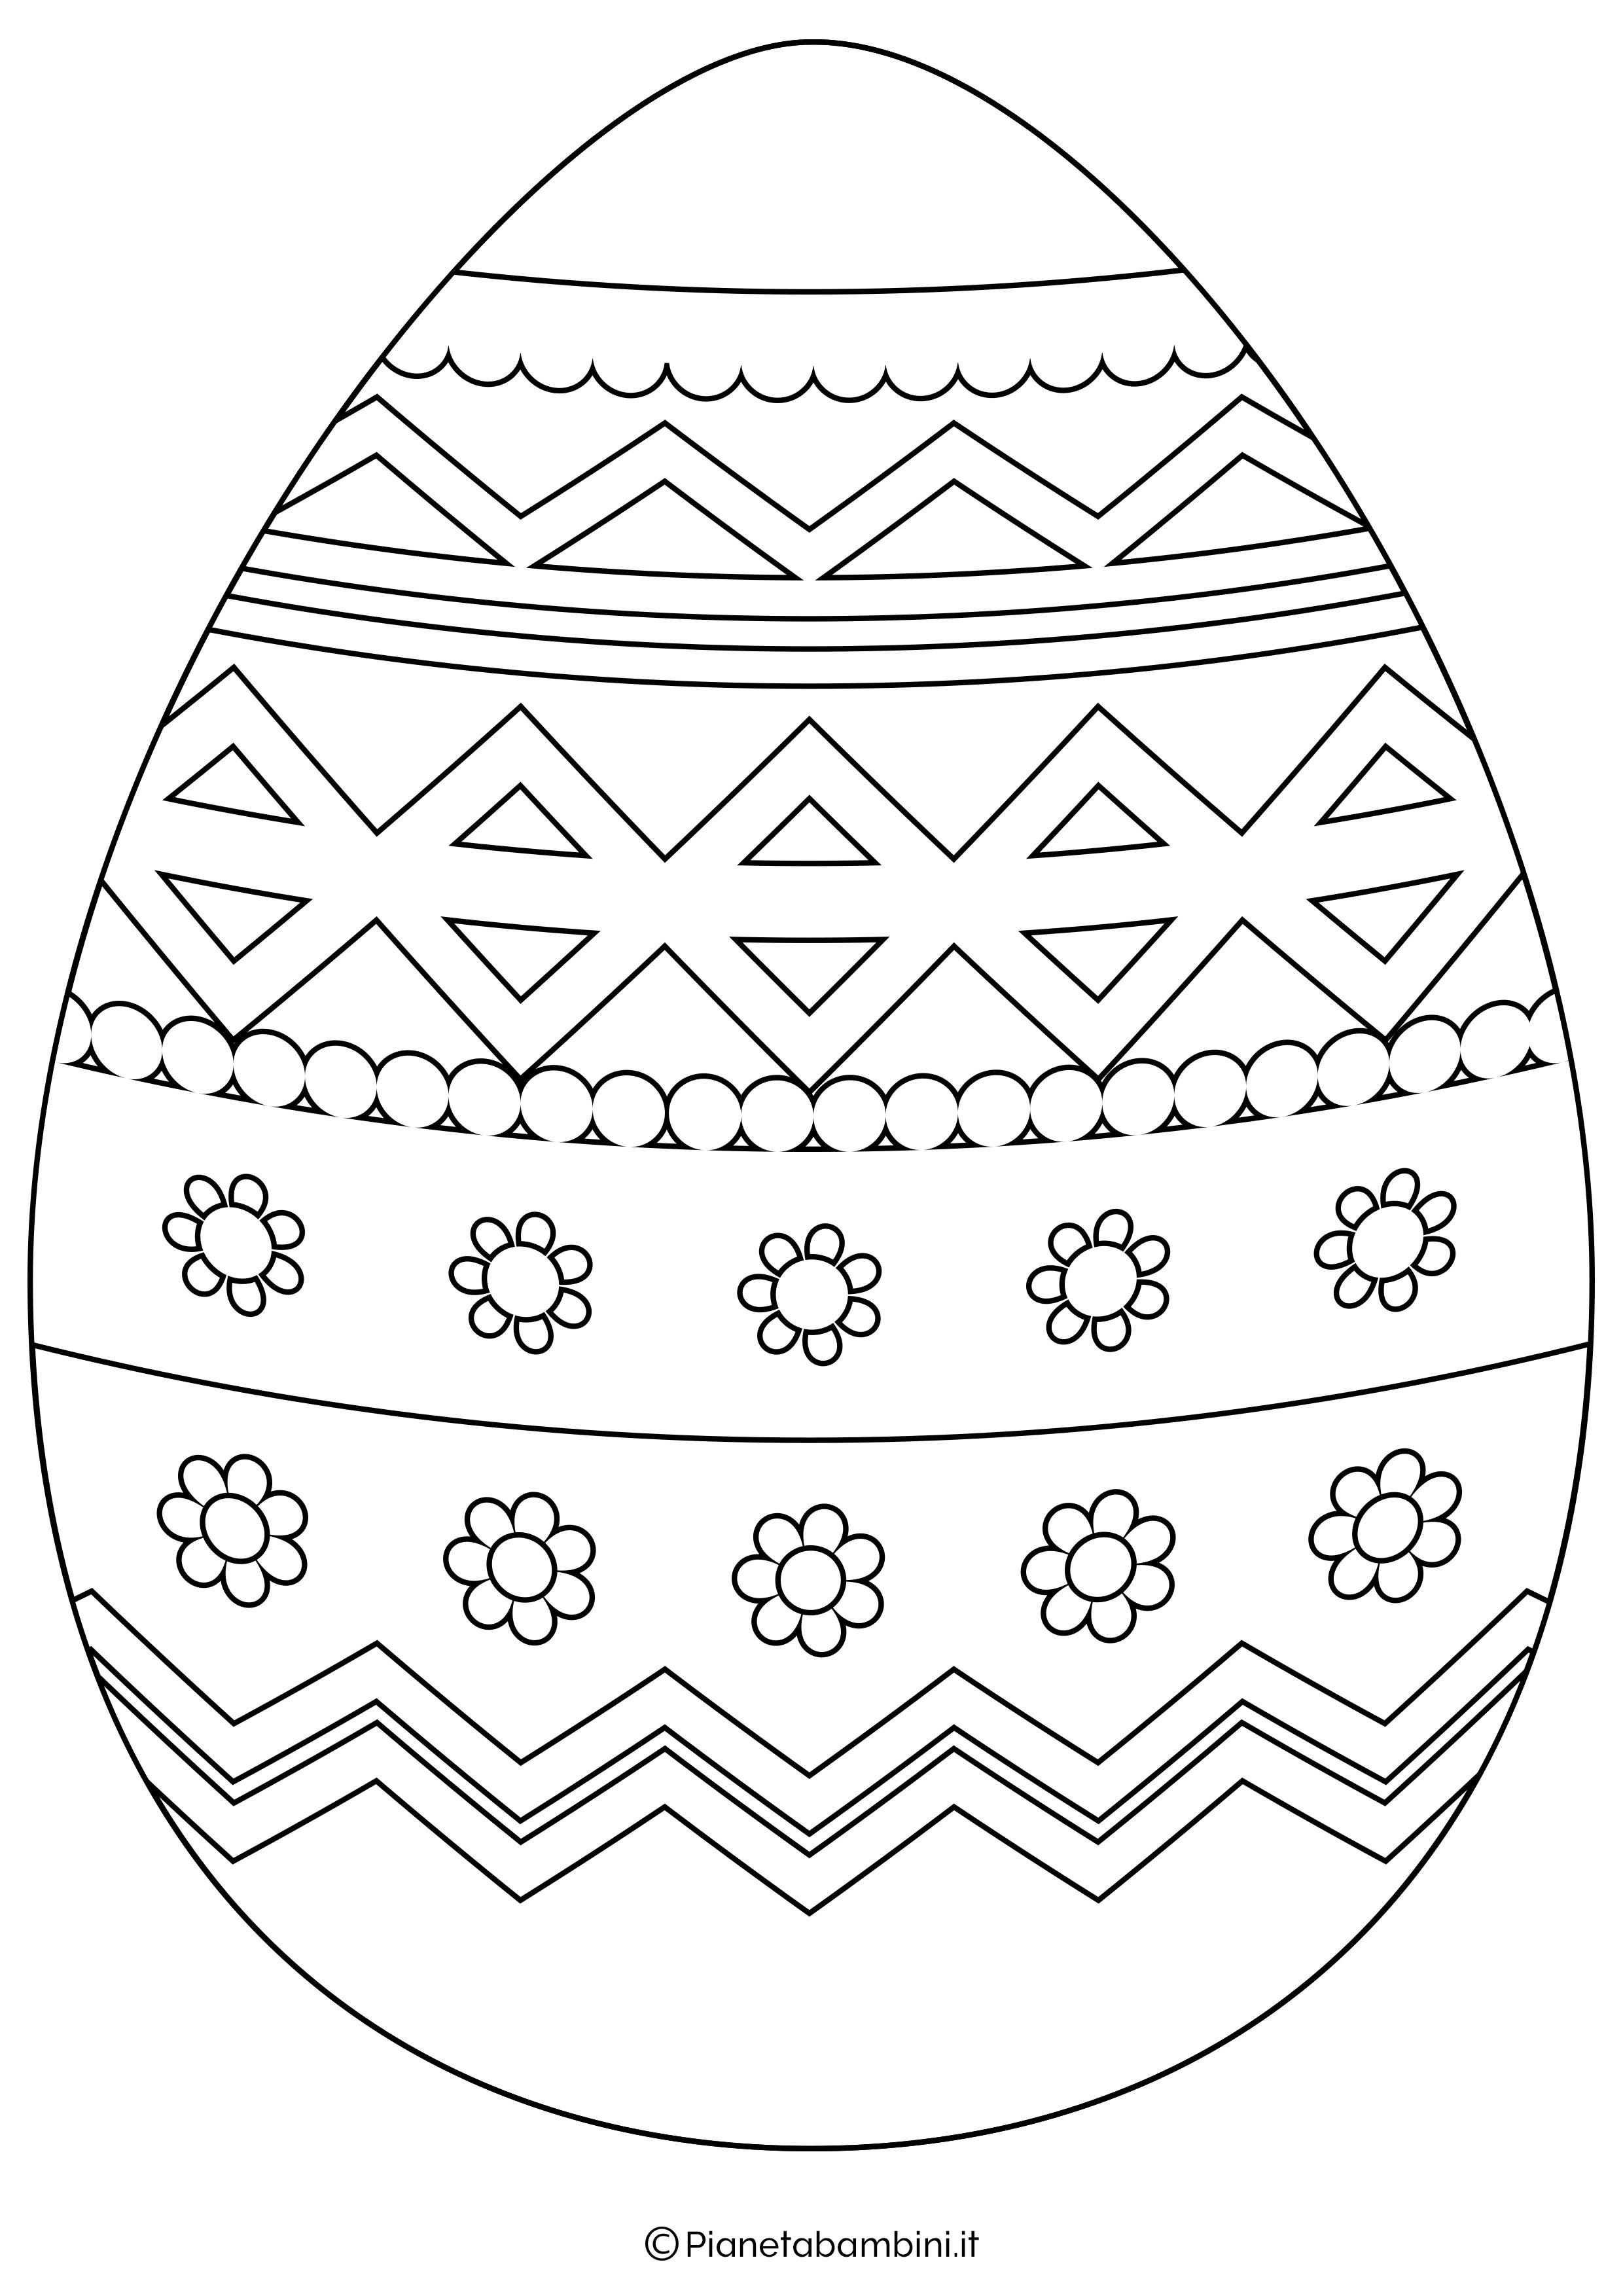 Sagome e disegni di uova di pasqua da stampare e colorare for Disegni da colorare di pasqua